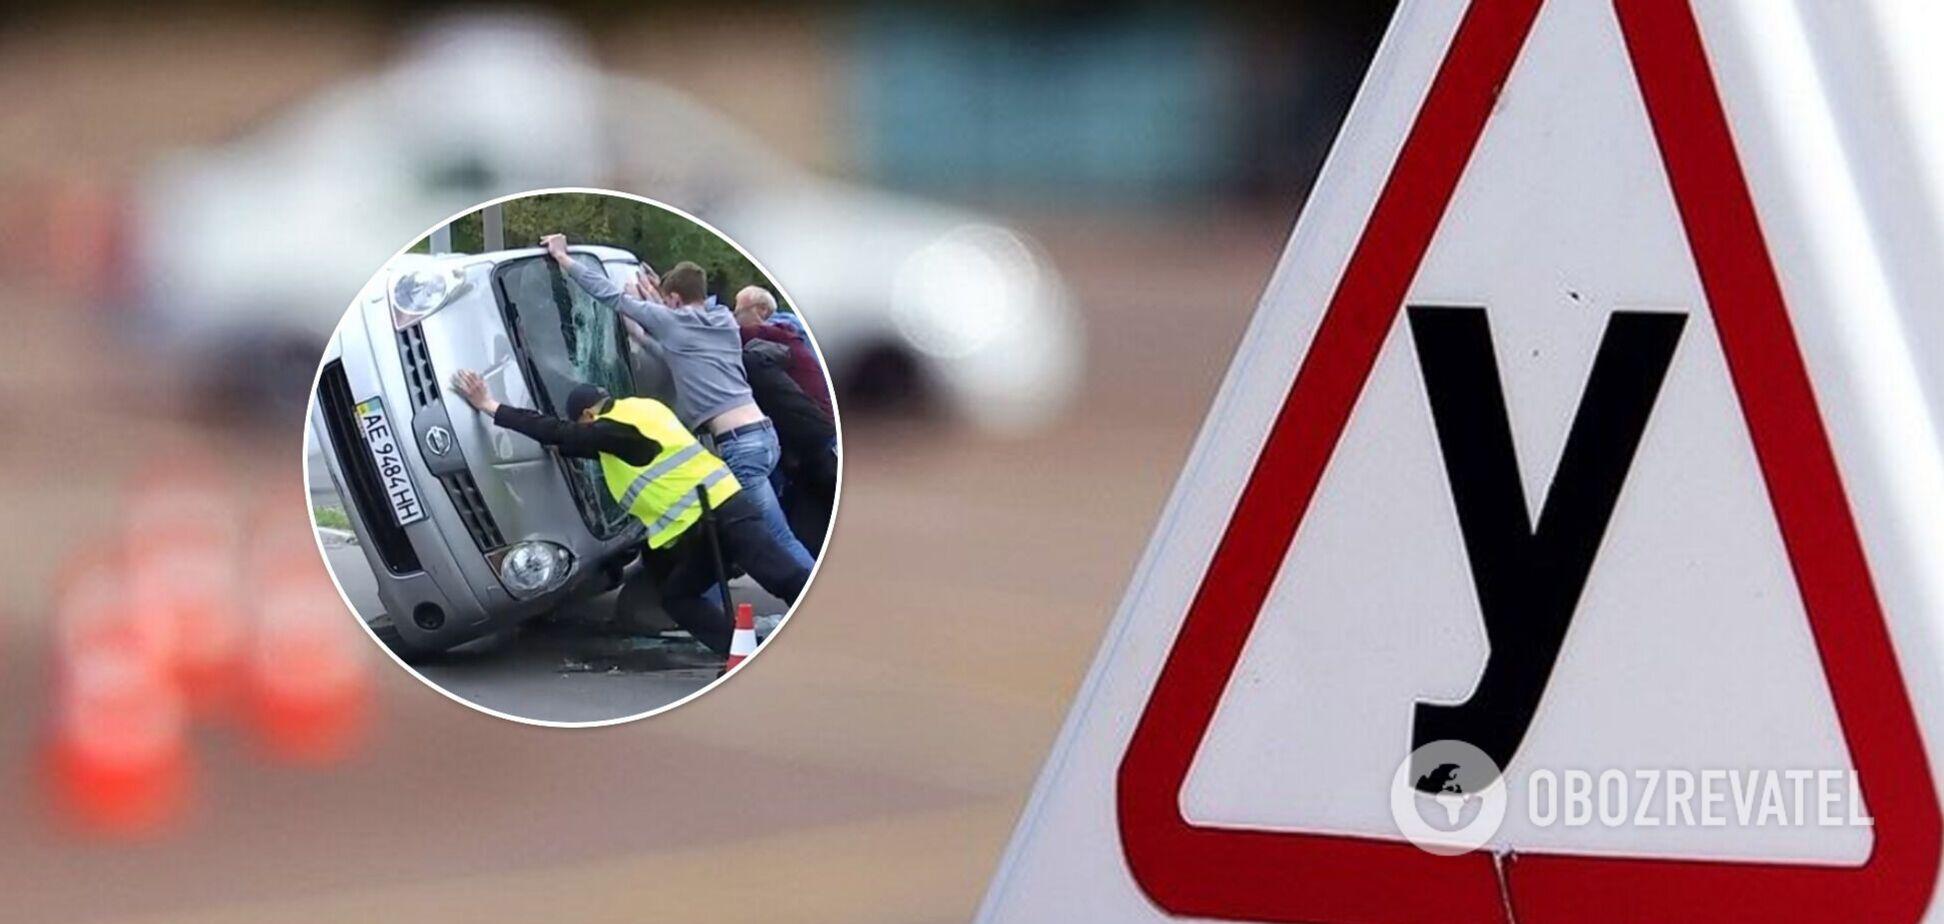 У Дніпрі учень автошколи потрапив у ДТП: у машини відмовили гальма. Фото